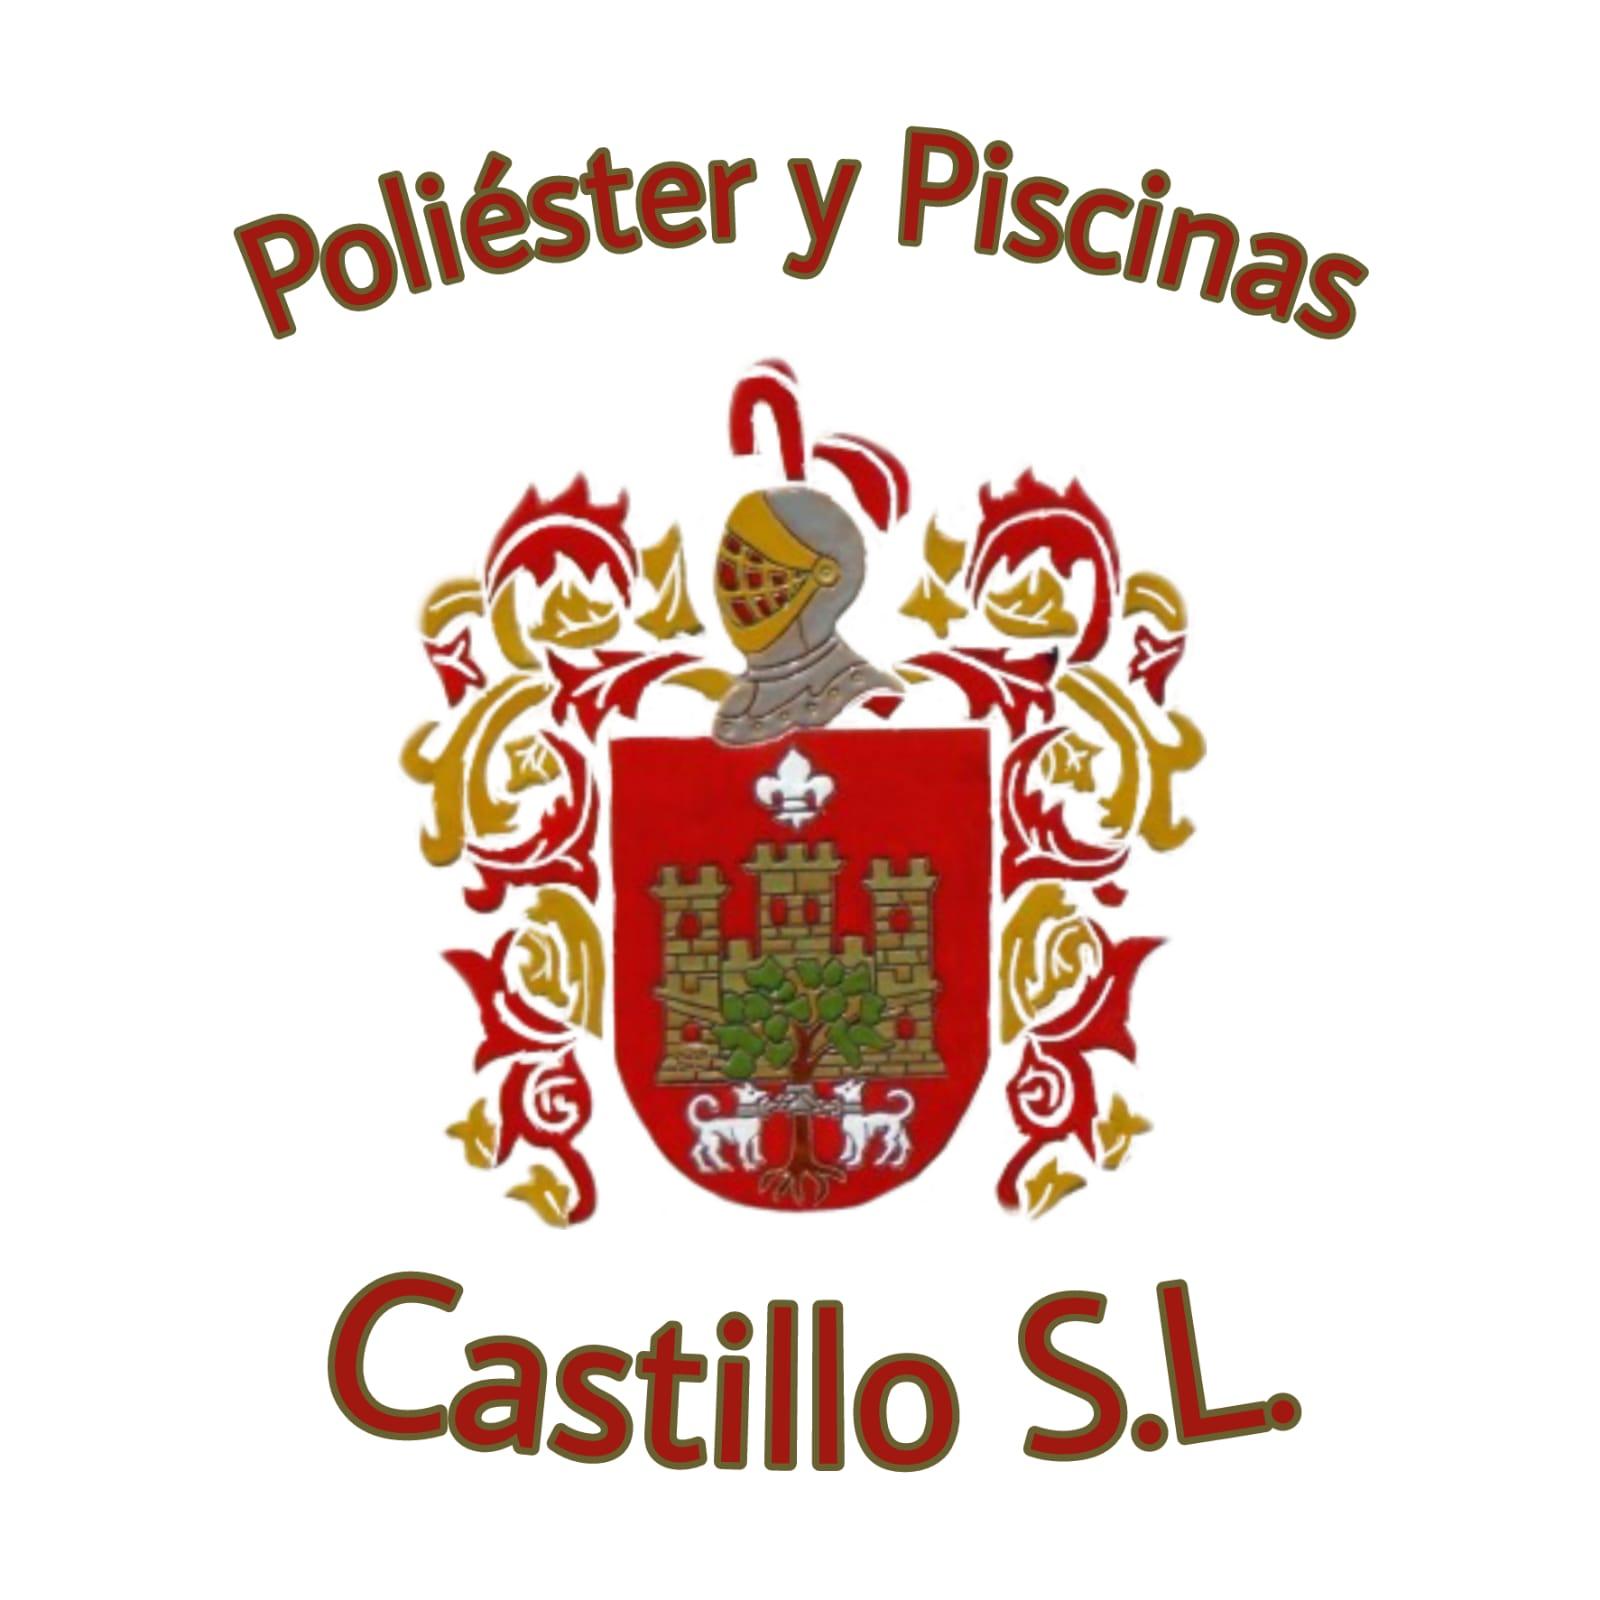 Poliester y piscinas castillo